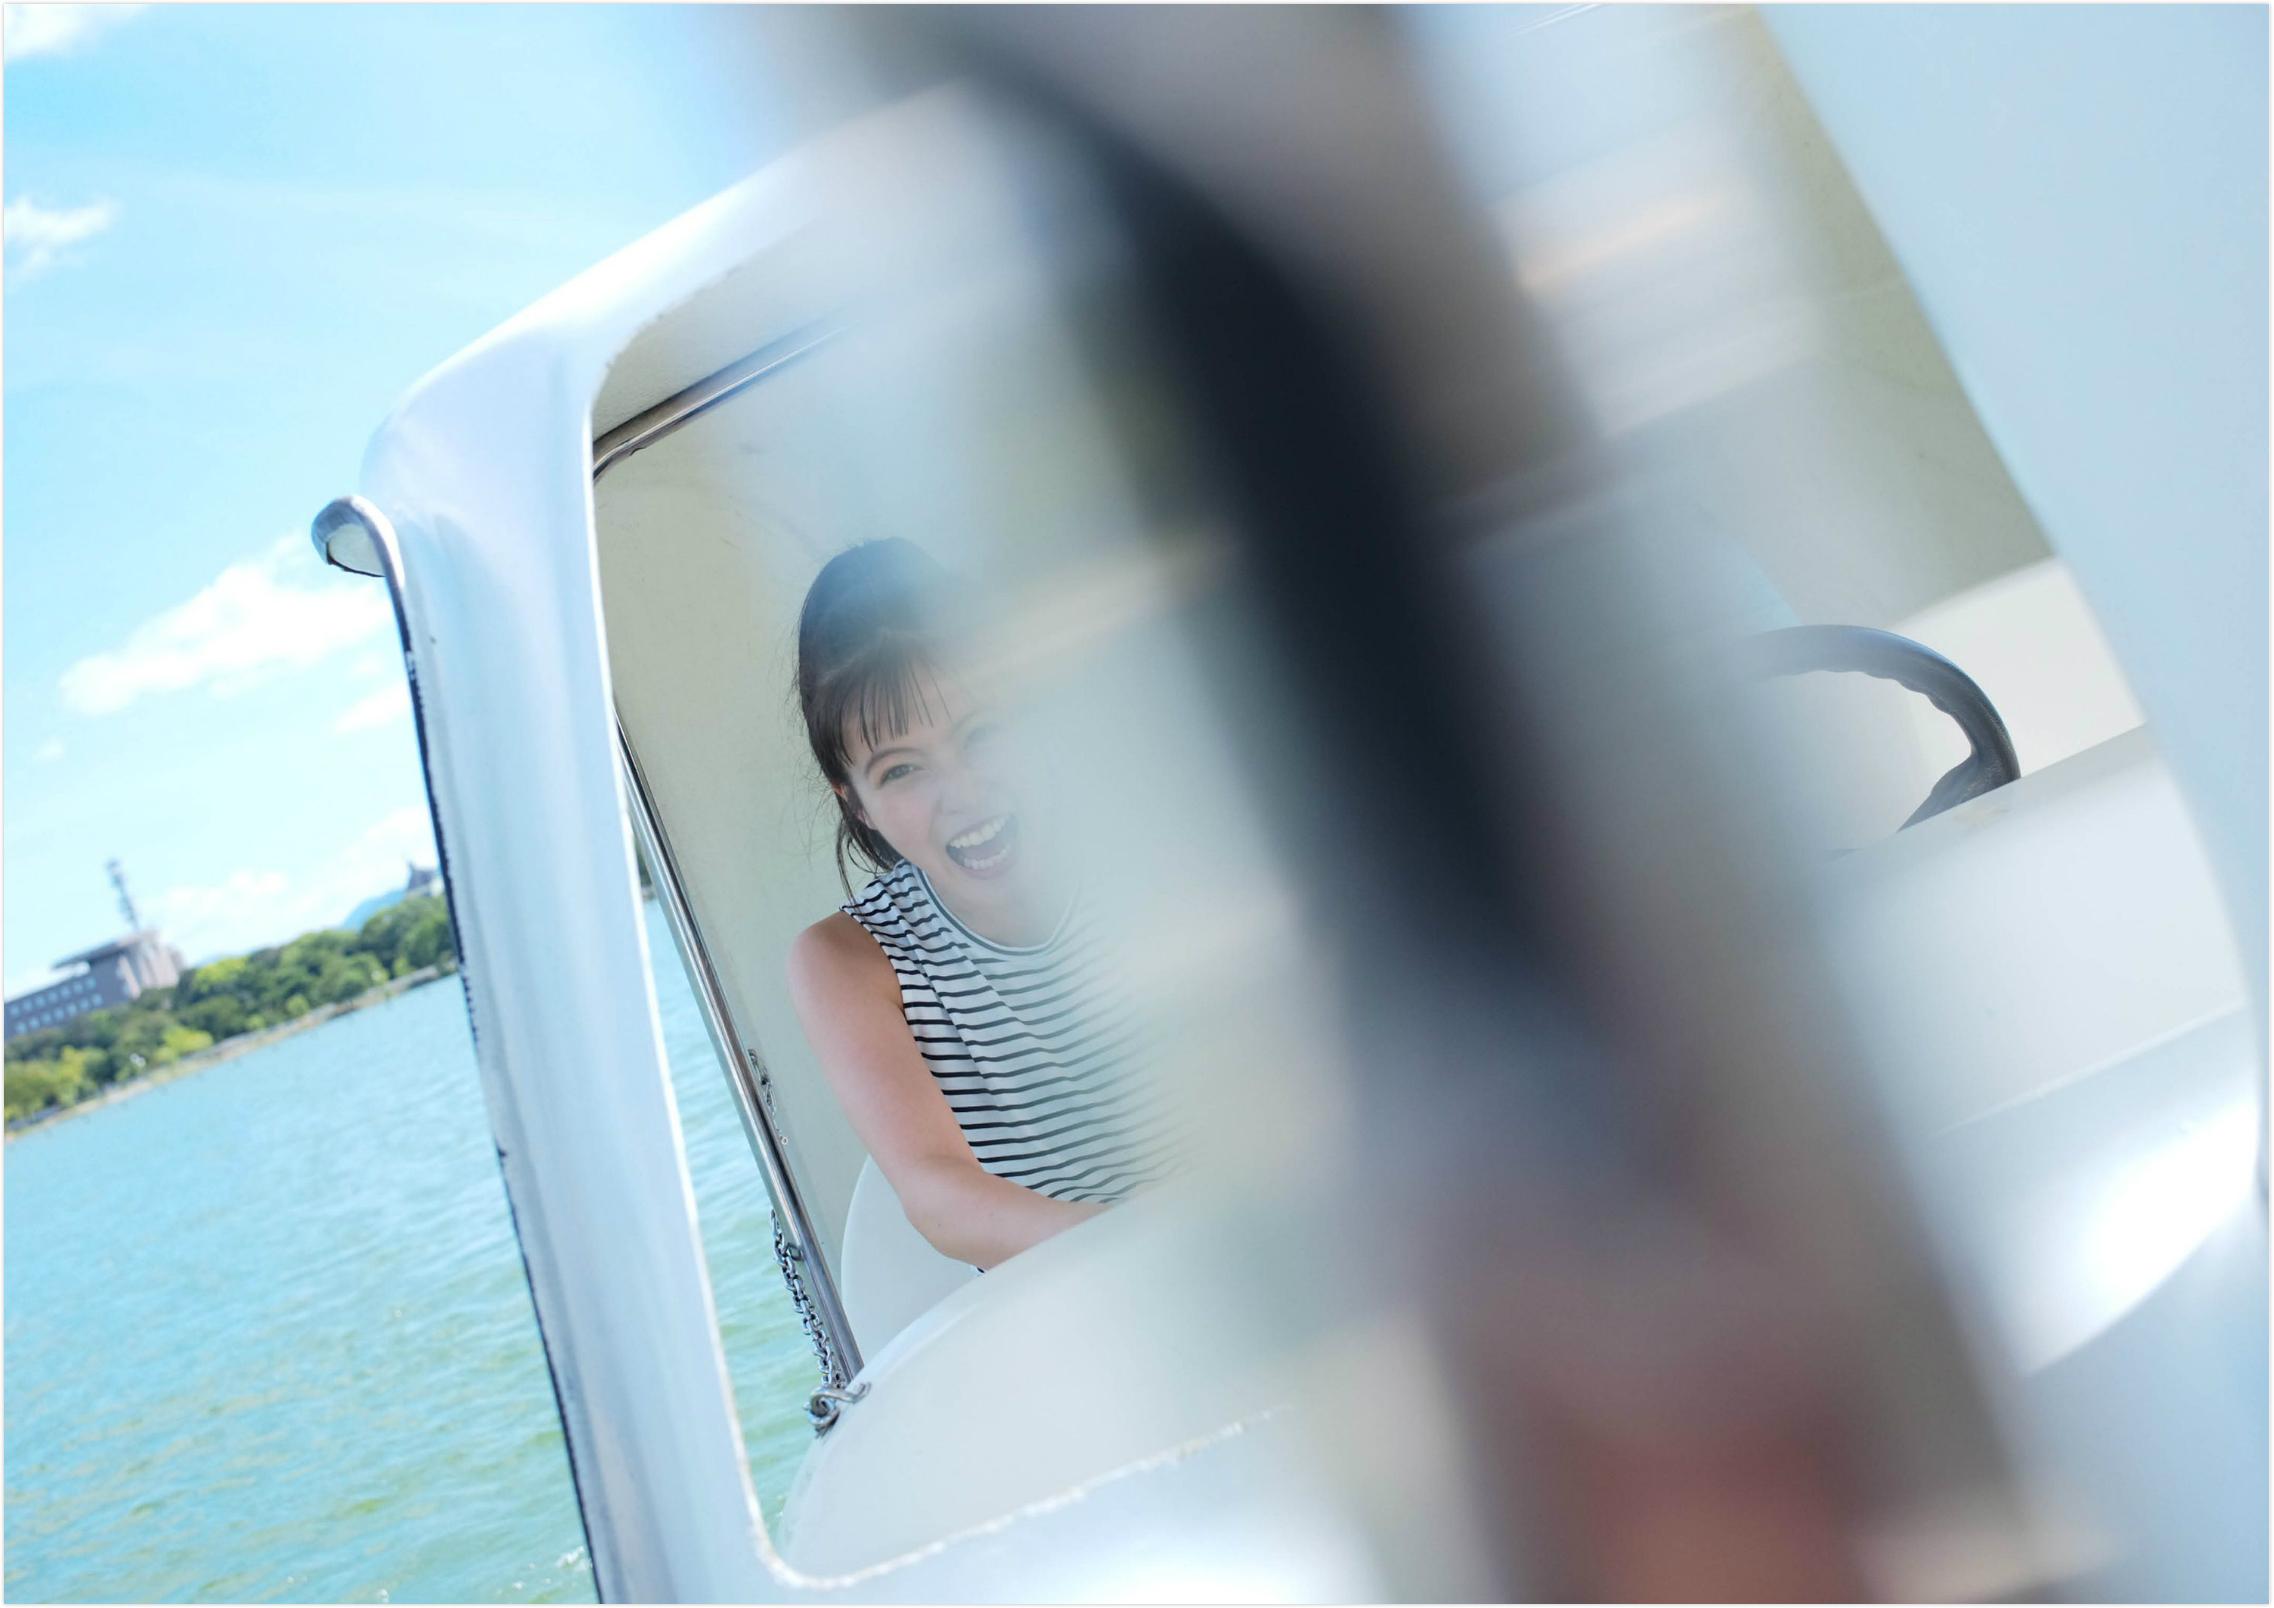 今田美樱 写真集12-13